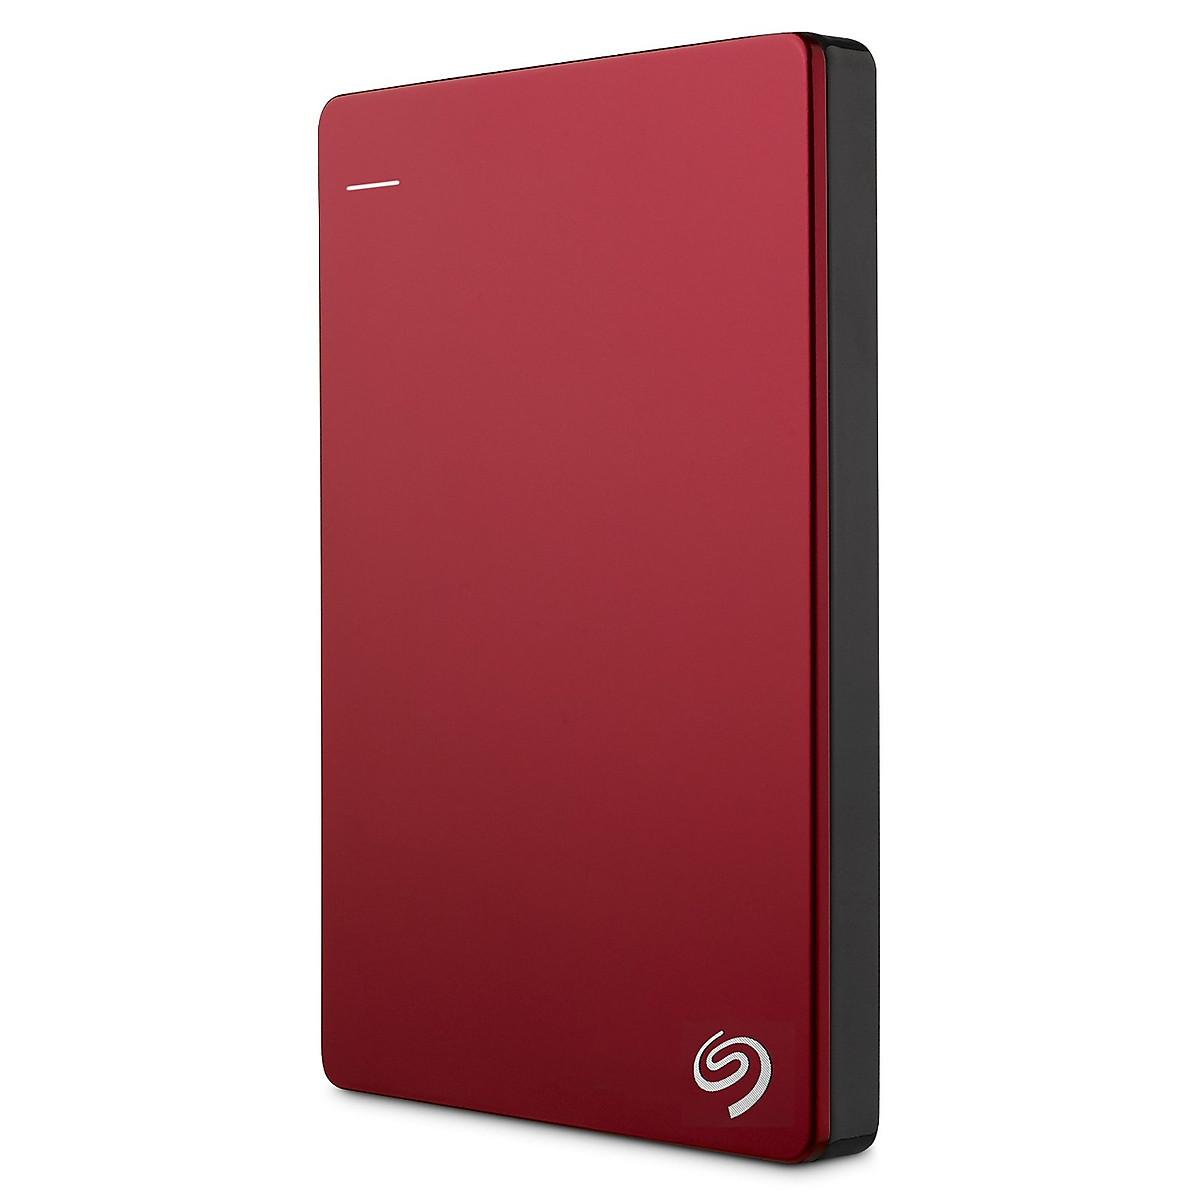 Ổ Cứng Di Động Seagate Backup Plus Slim 2TB USB 3.0 – Hàng Chính Hãng